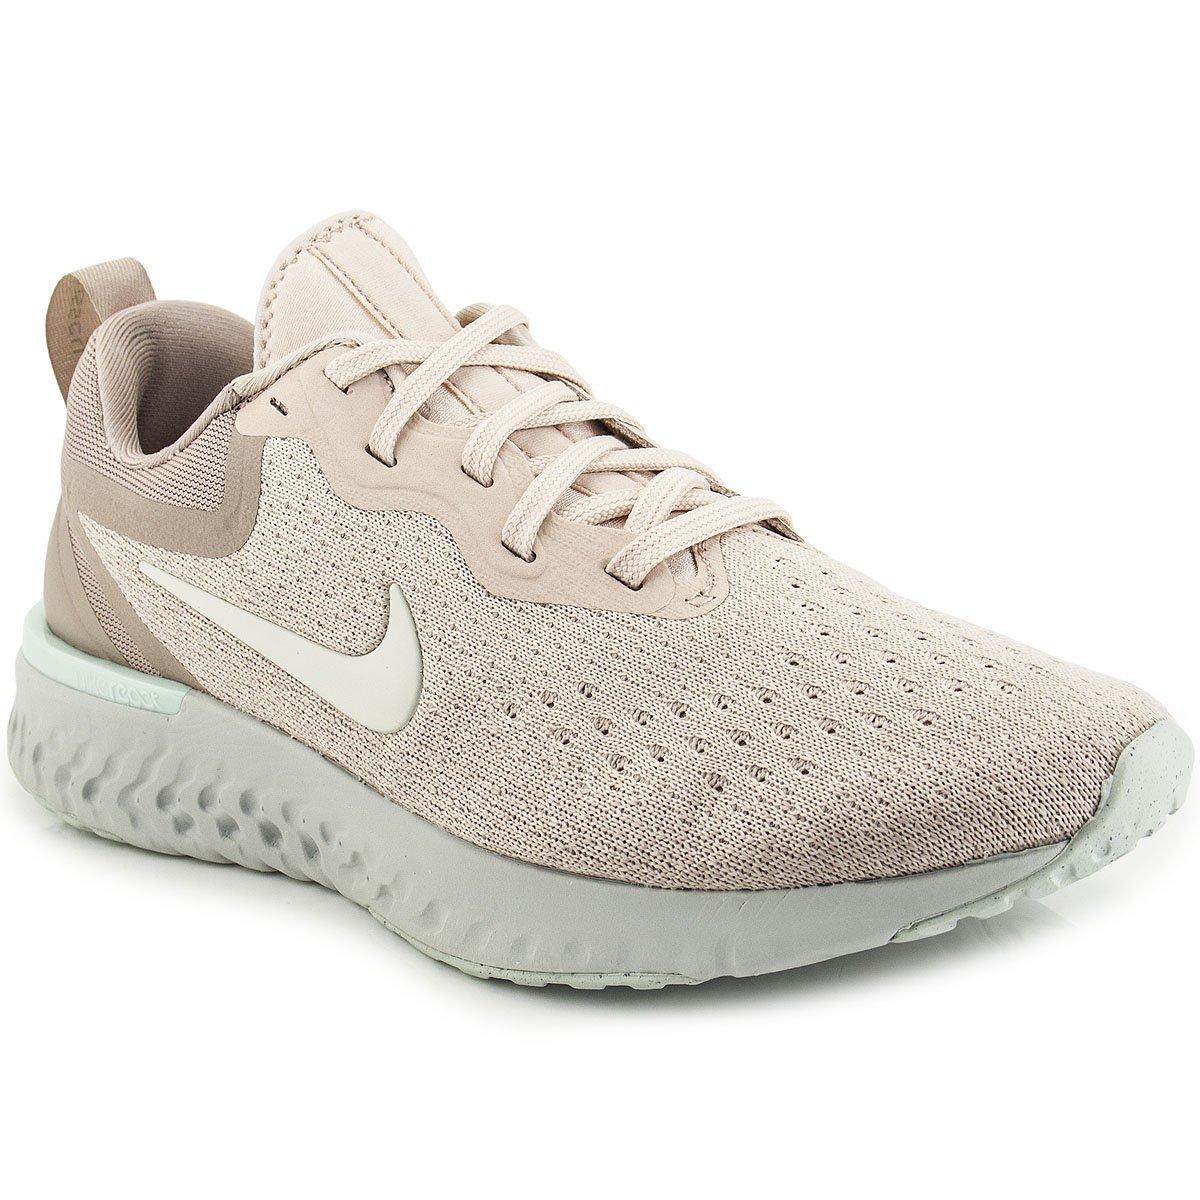 82044b9cdb8 Tênis Nike Odyssey React Feminino AO9820